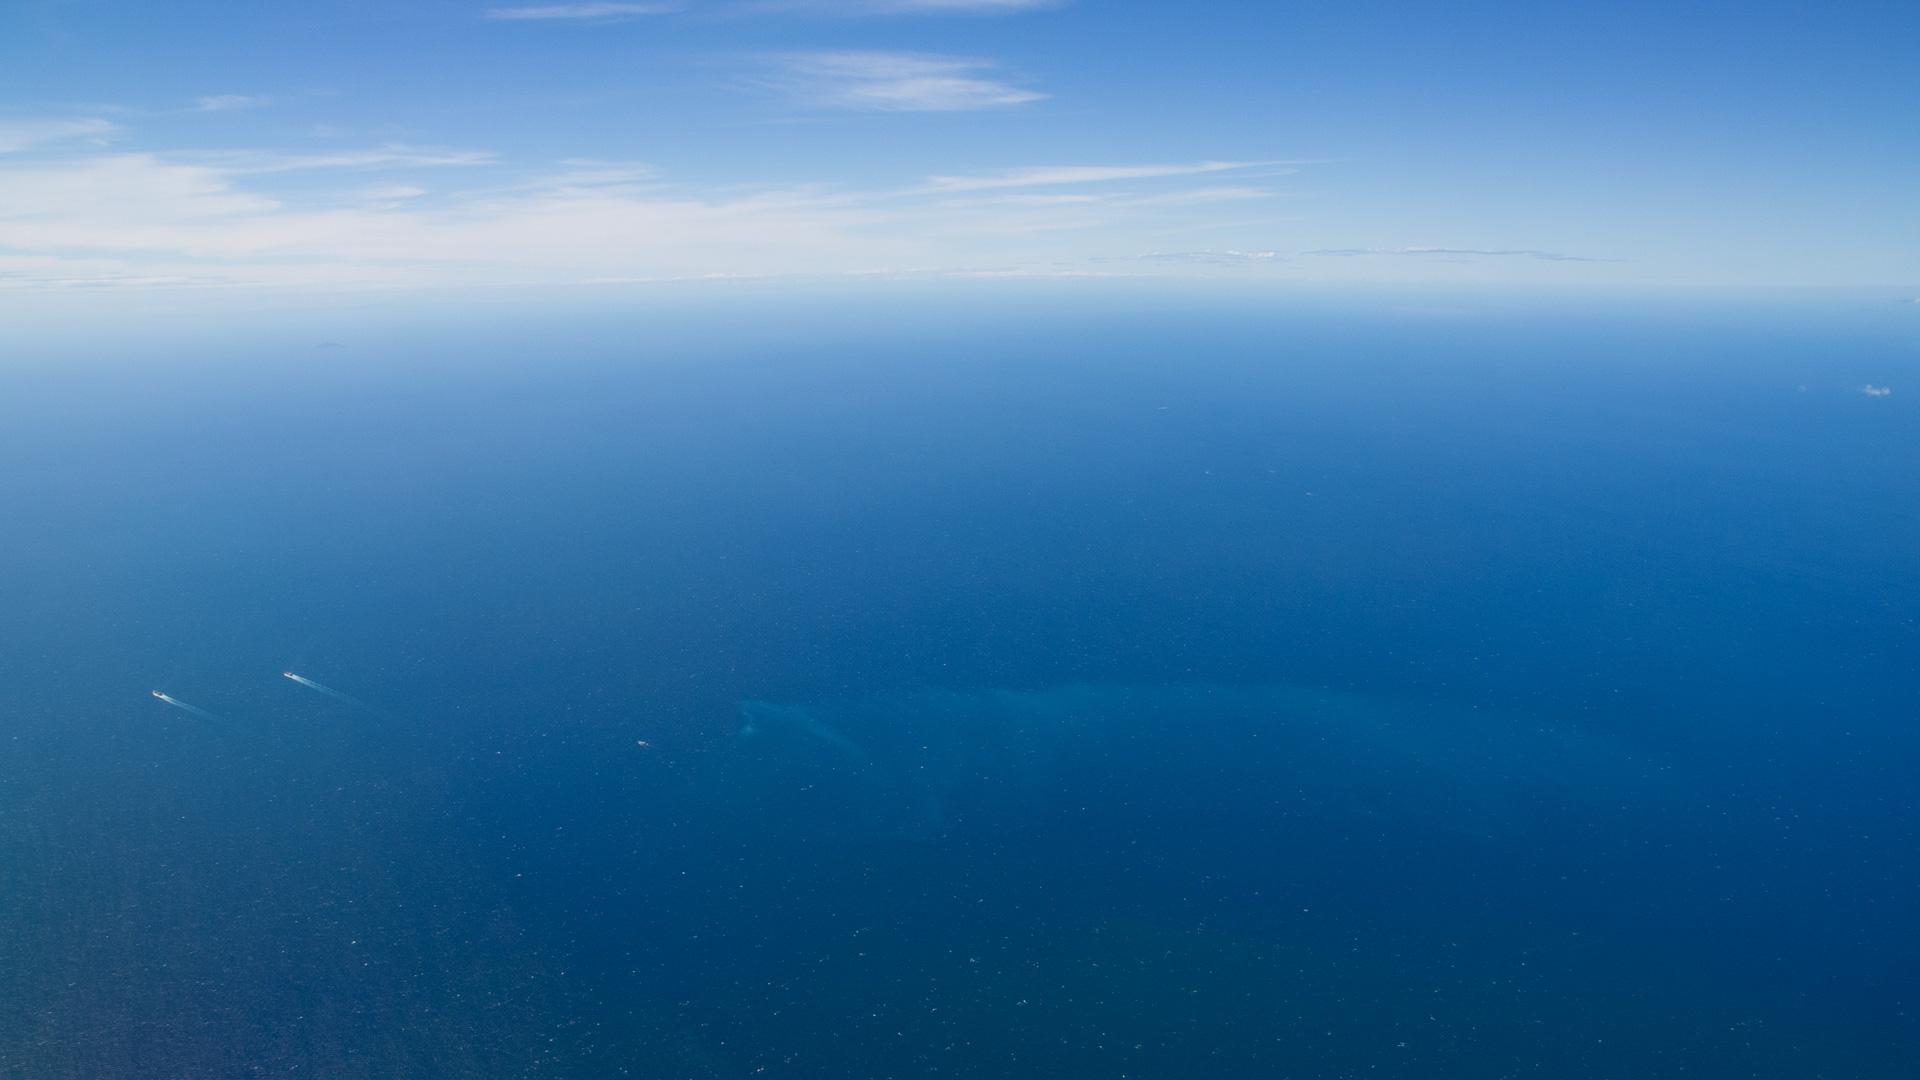 青い空と青い海のデスクトップ壁紙 ワイド画面 1920 1080